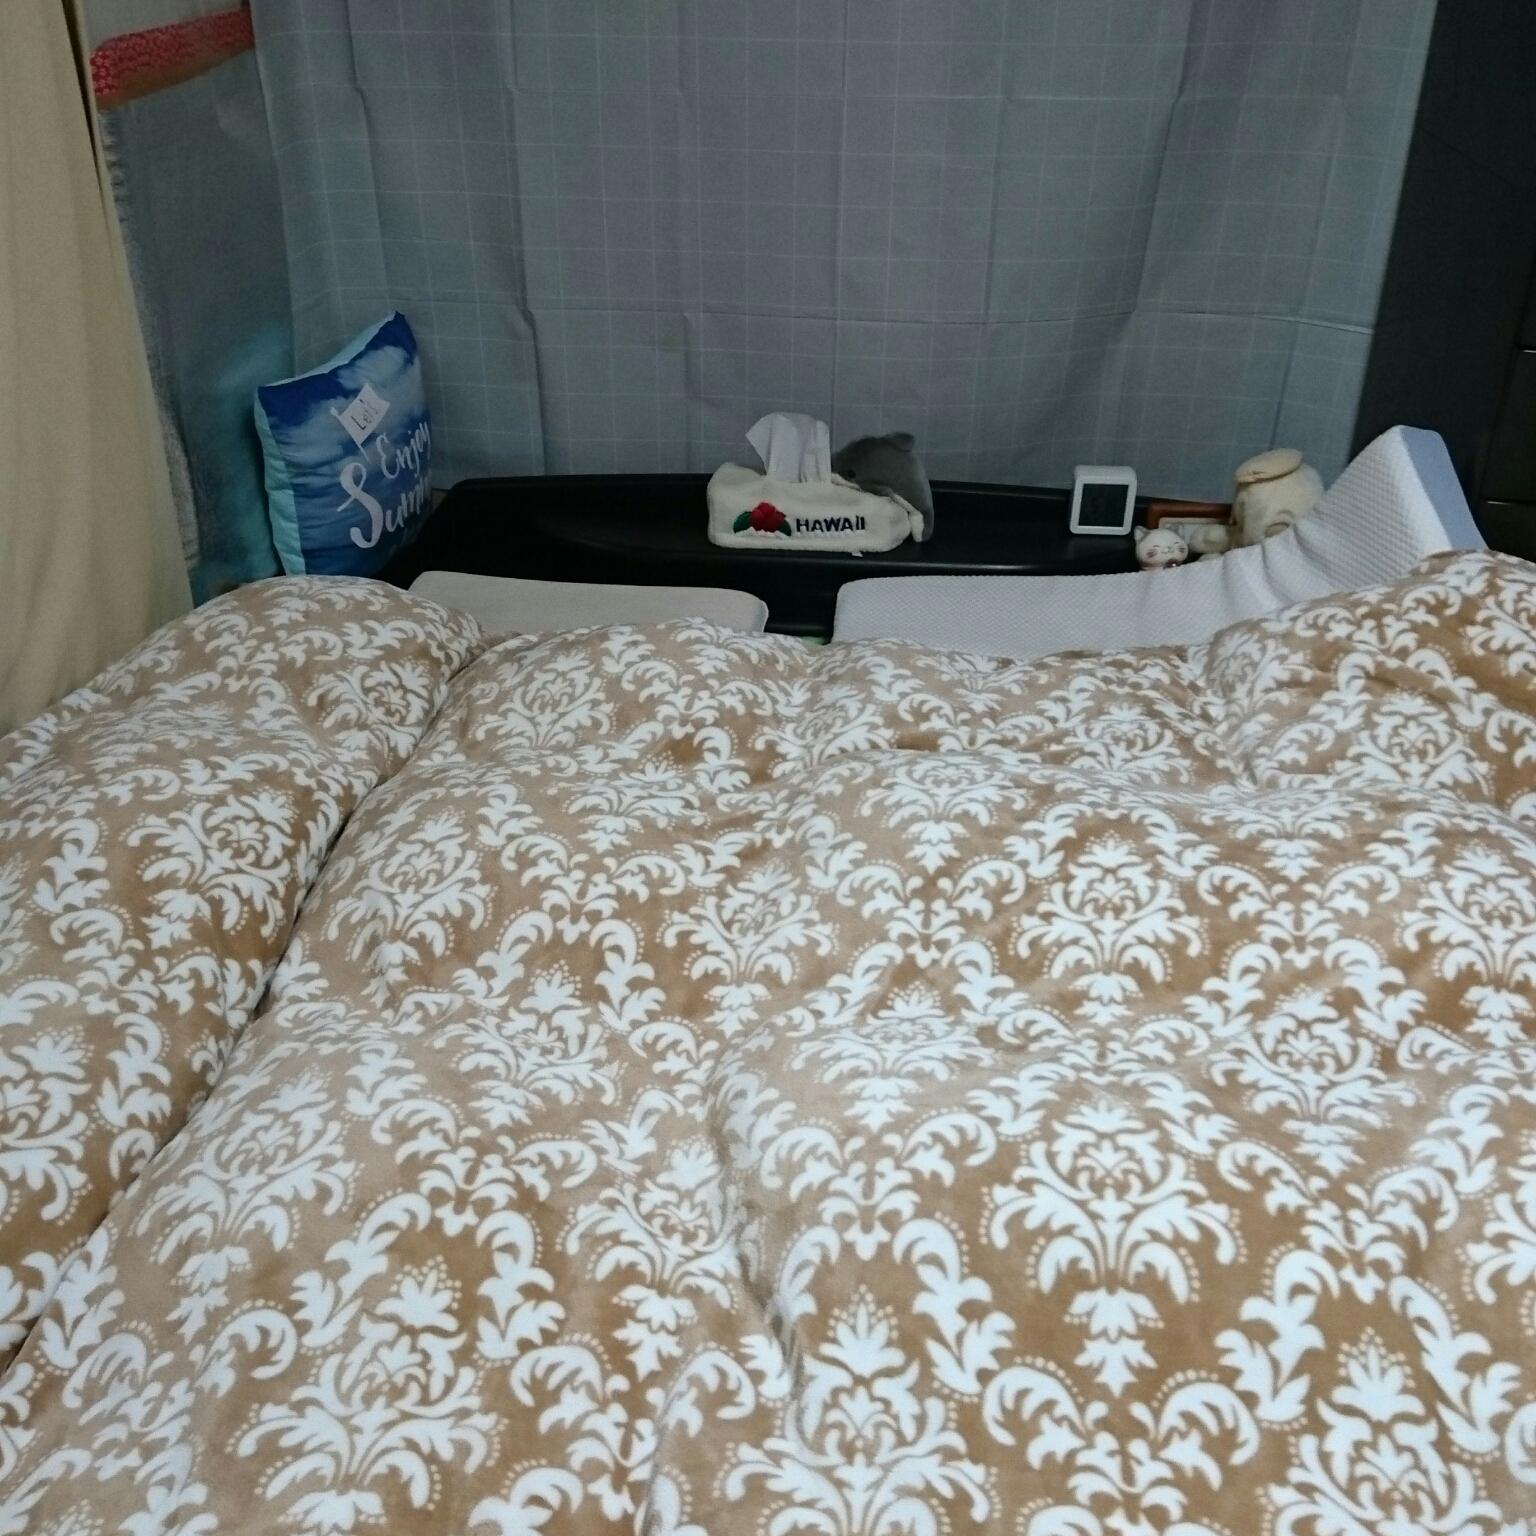 ベッド周り/日本家屋/平屋/古い家/恥ずかしいけど見て下さい...などのインテリア実例 - 2020-02-19 17:23:31